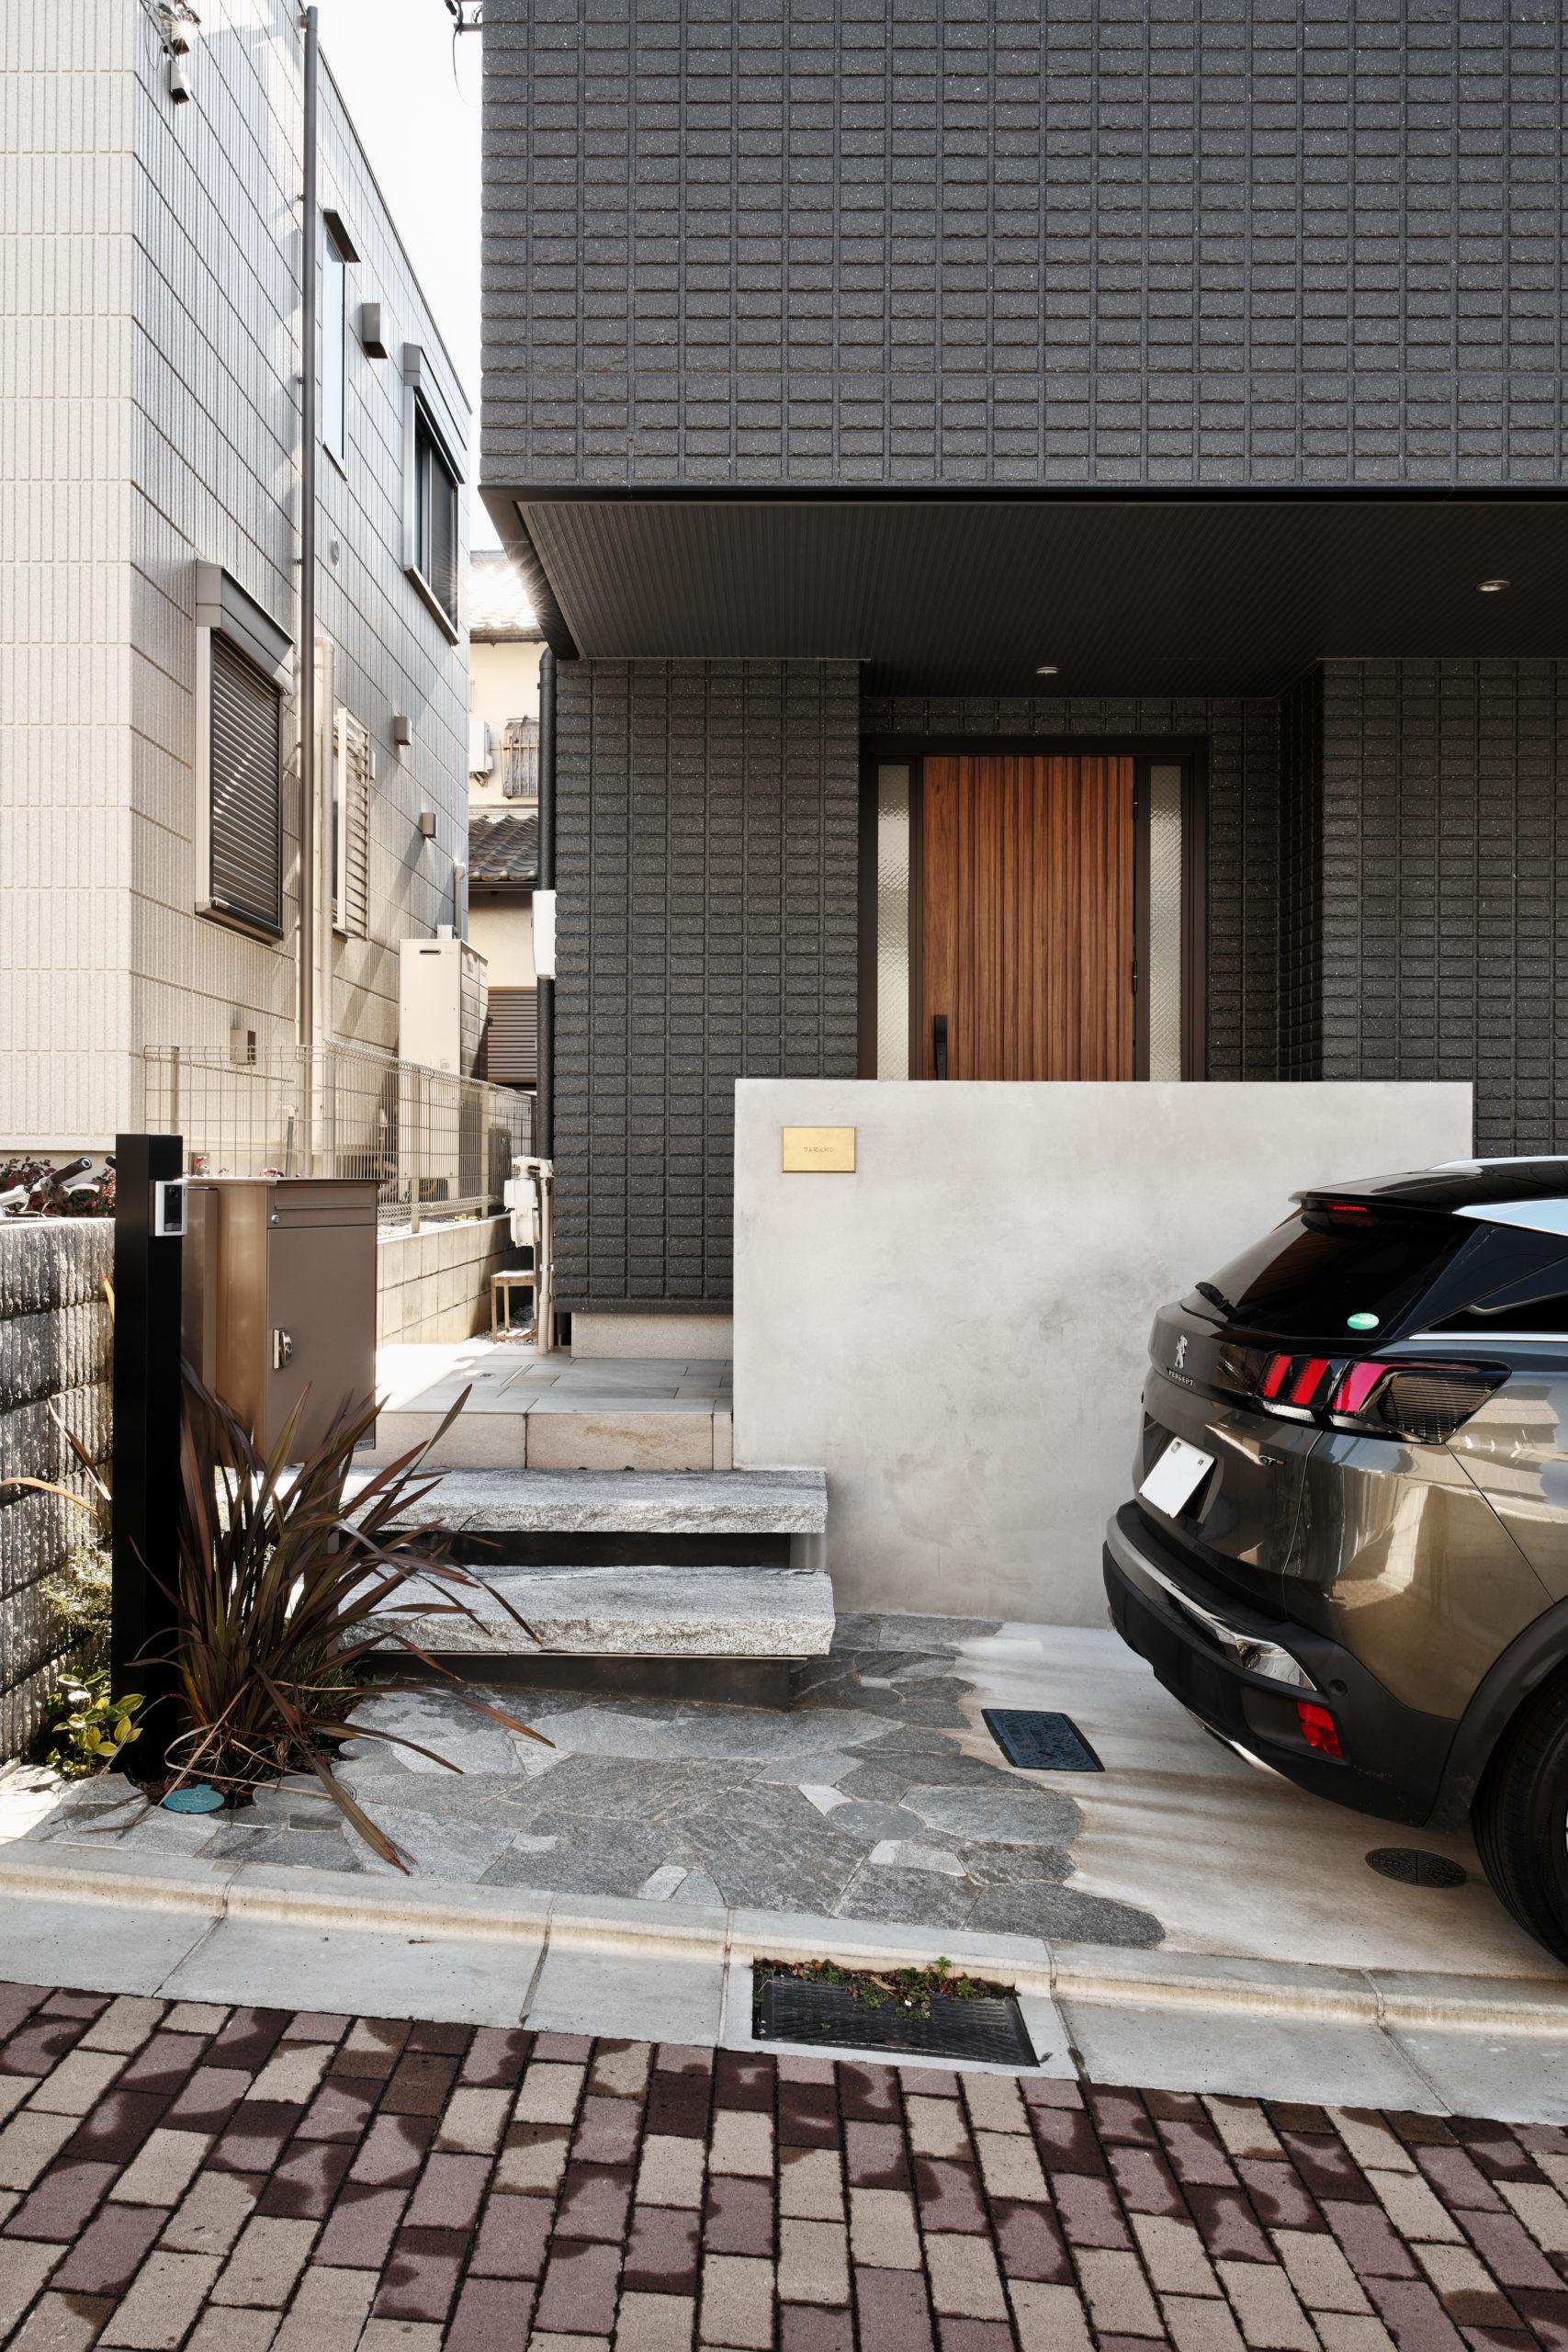 自然石調のアプローチと玄関前の塗り壁が高級感を演出します